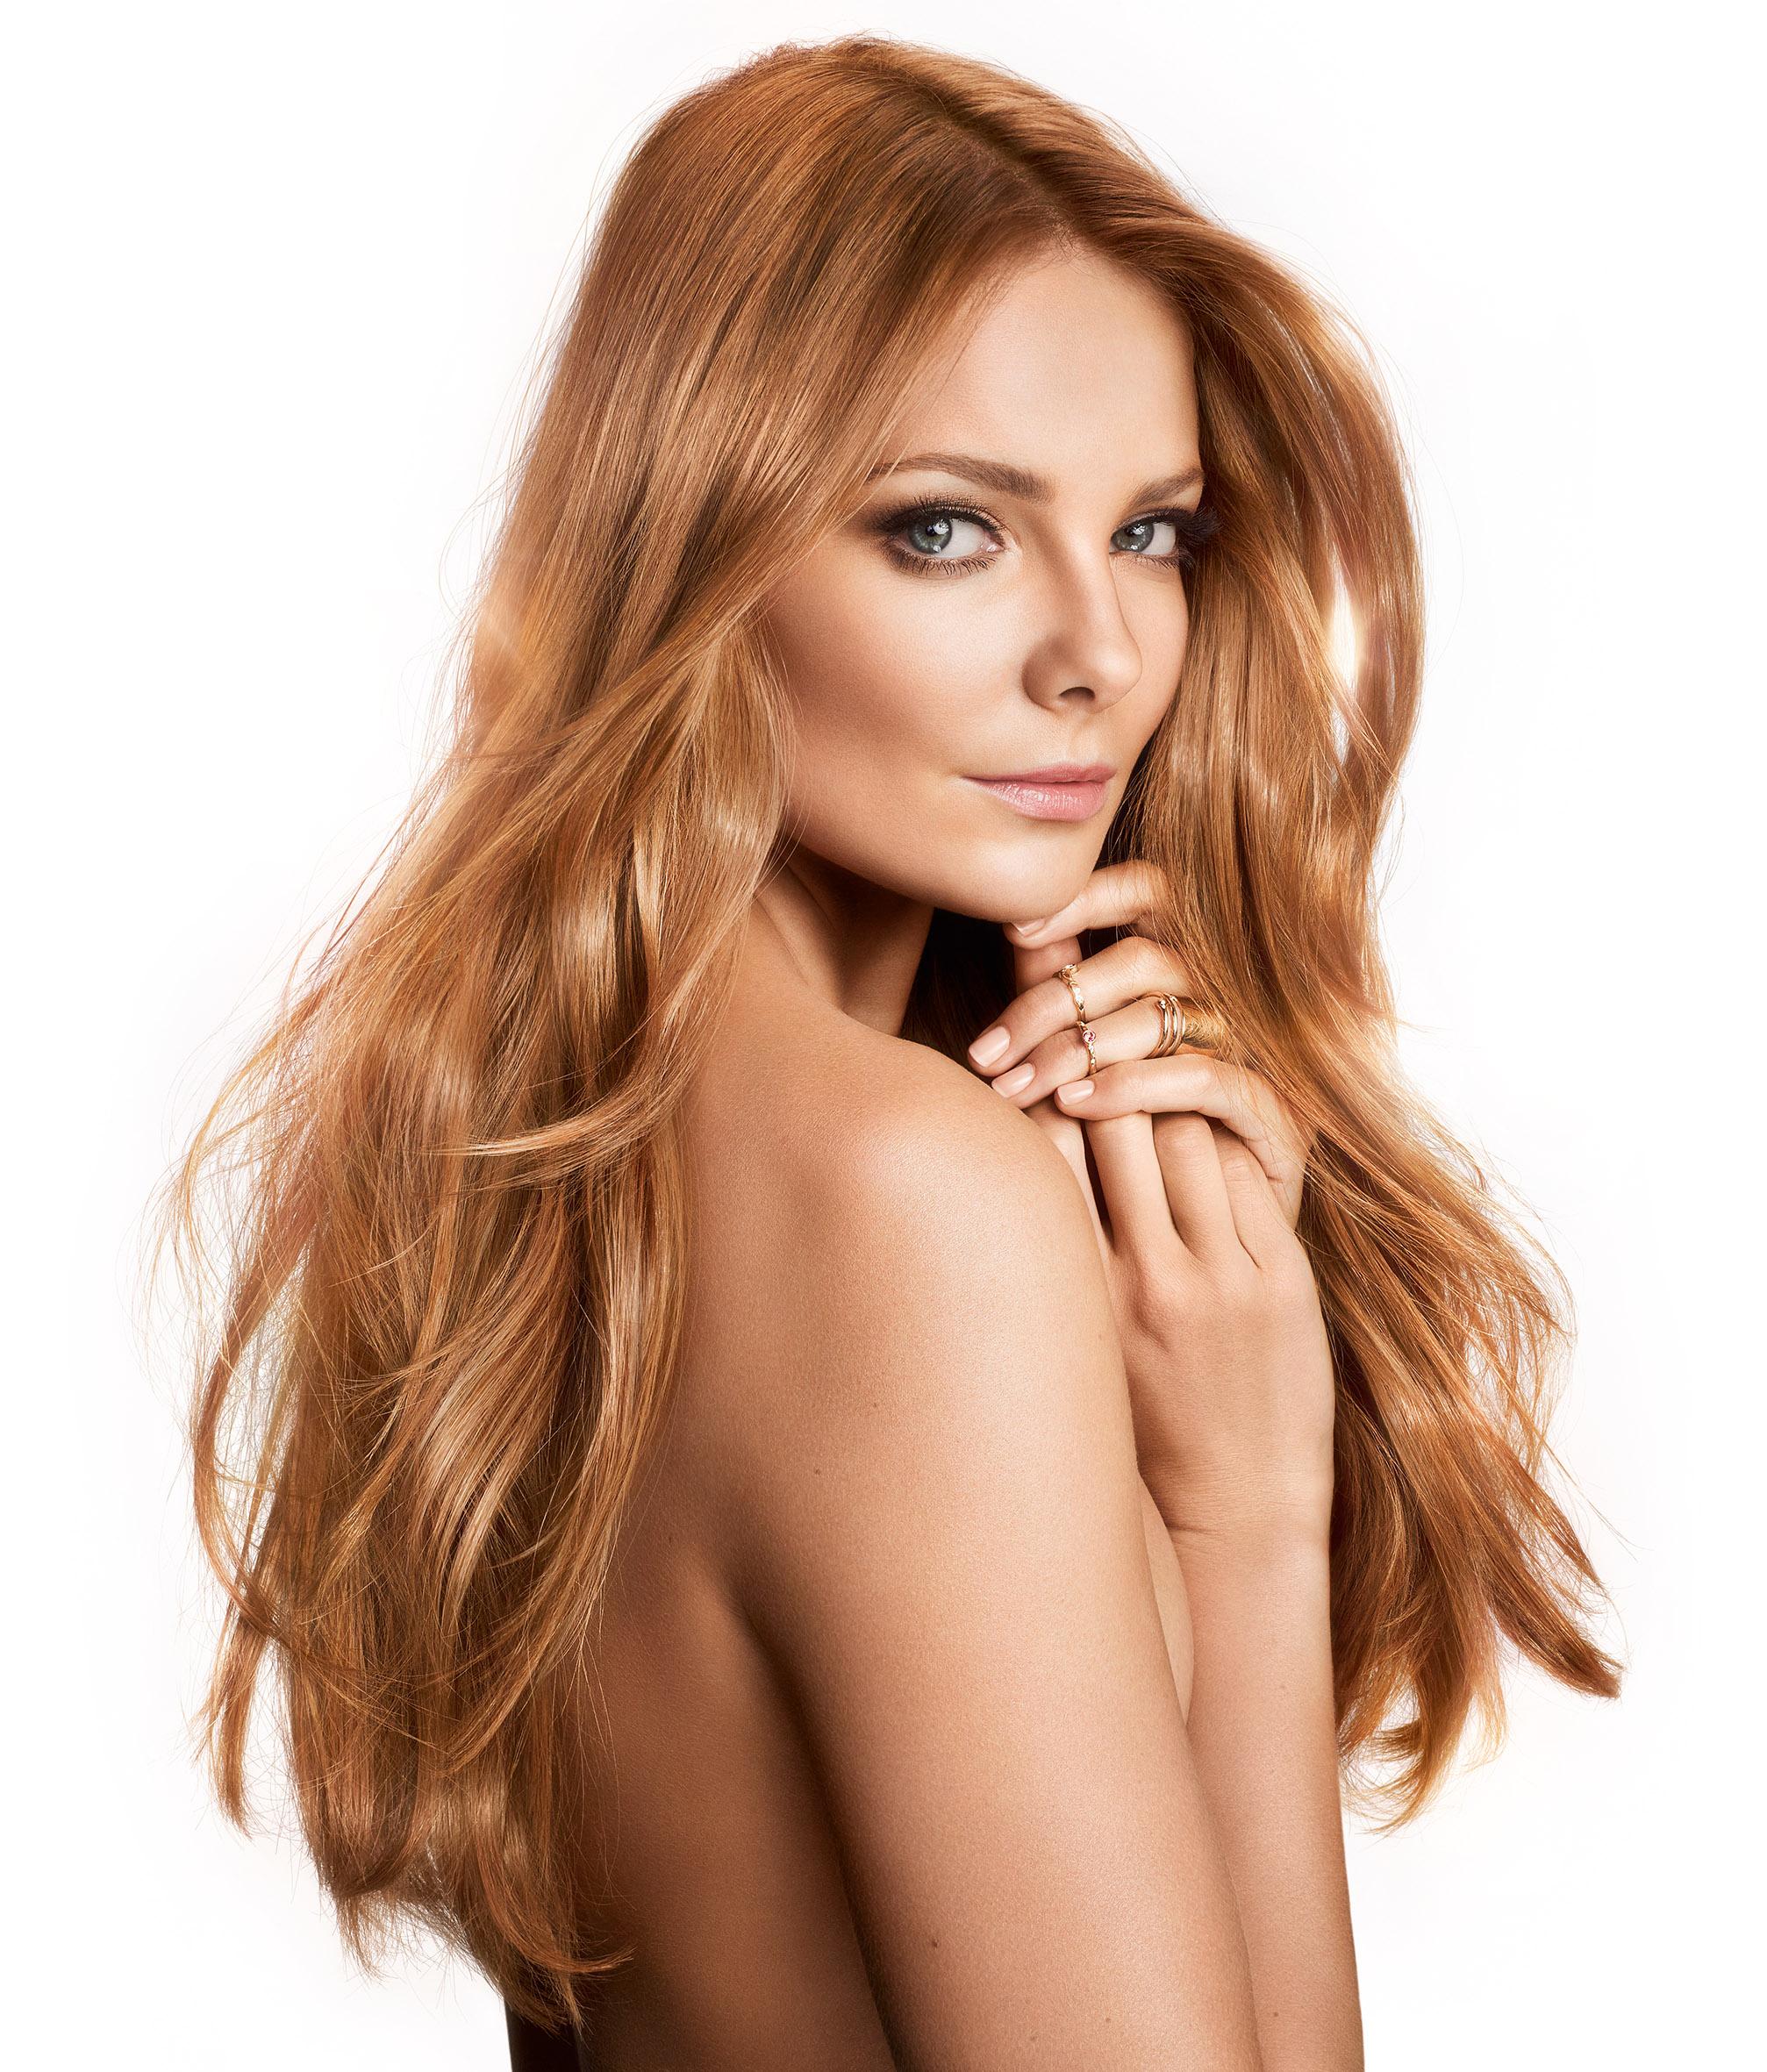 Mihalik Enikő a L'Oreal Paris Prodigy hajfesték arca